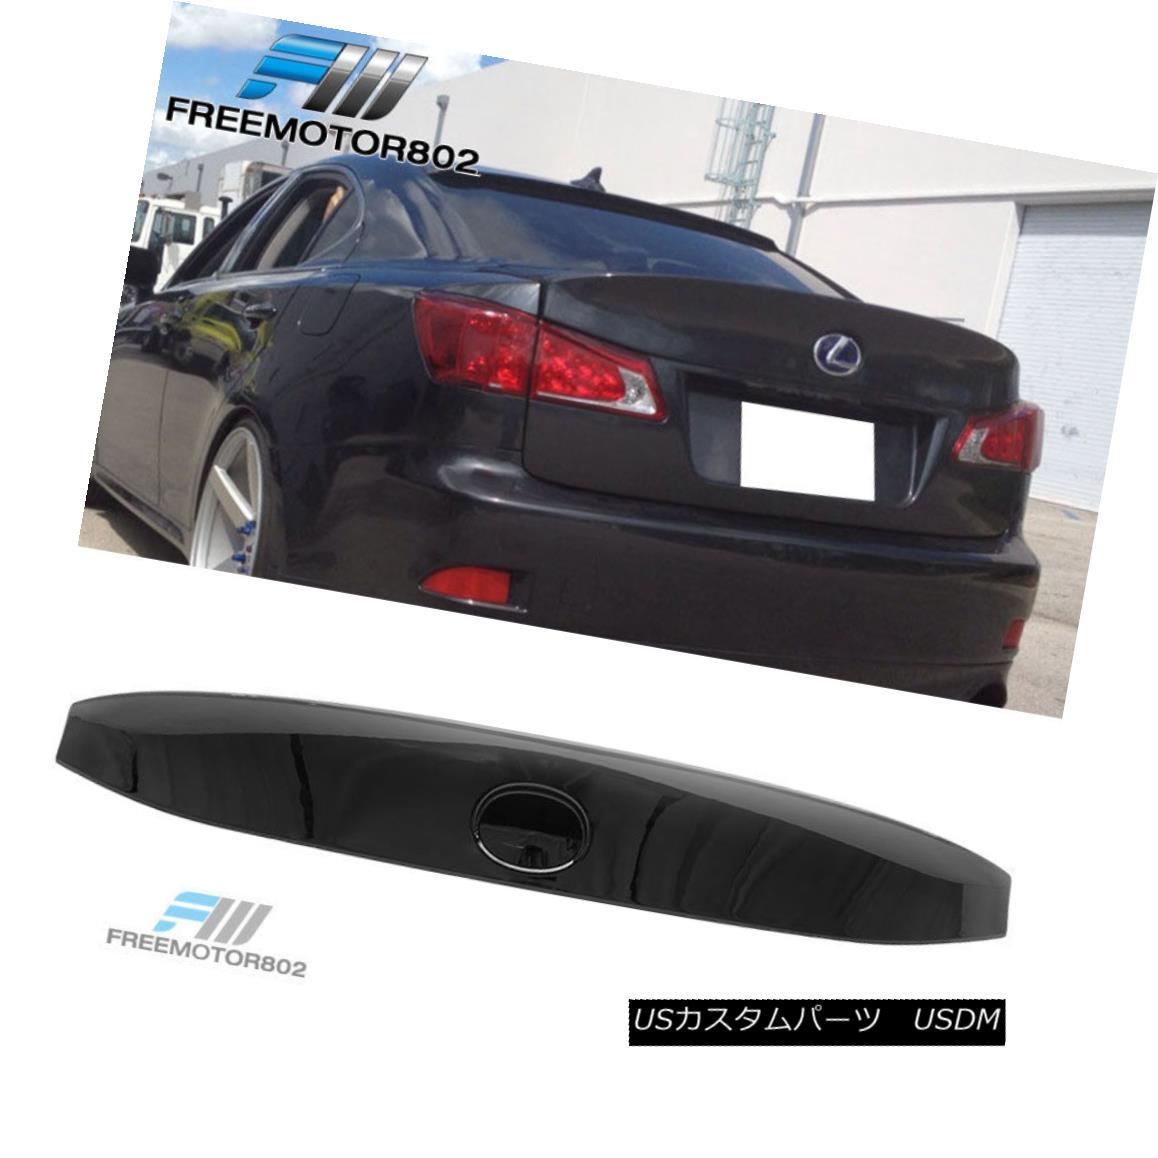 エアロパーツ For 06-13 Lexus IS250 IS350 IK Style Trunk Spoiler Wing Painted Black Onyx #202 06-13レクサスIS250 IS350 IKスタイルトランク・スポイラー・ウィング・ペイント・ブラック・オニキス#202